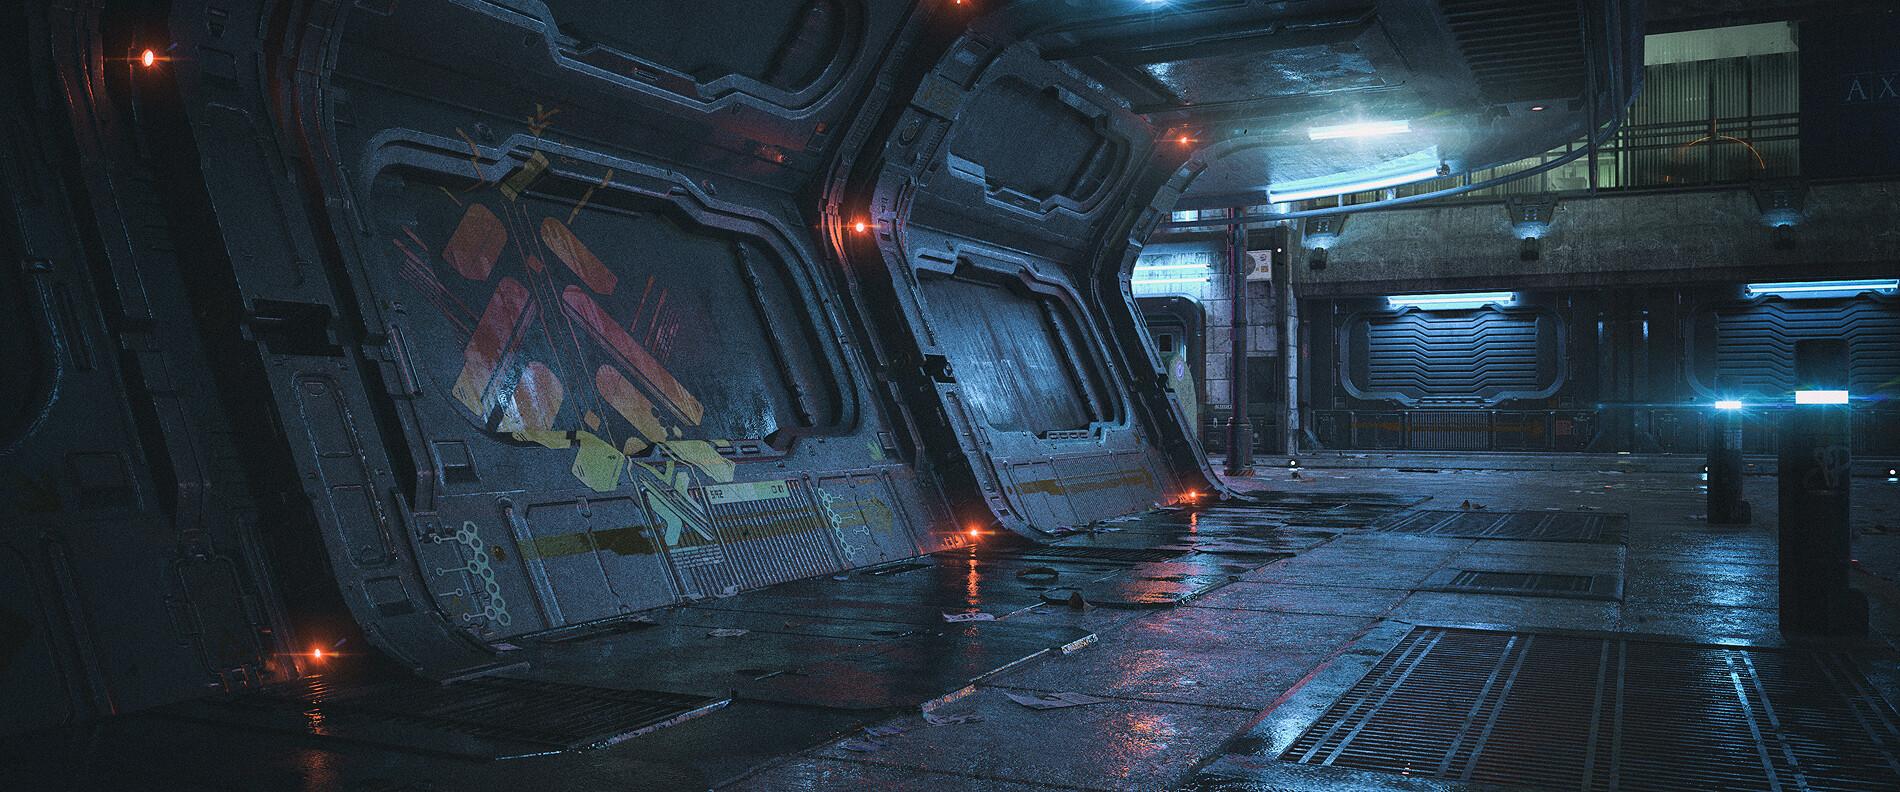 The Stunning Sci-Fi Art of Stefan Morrell